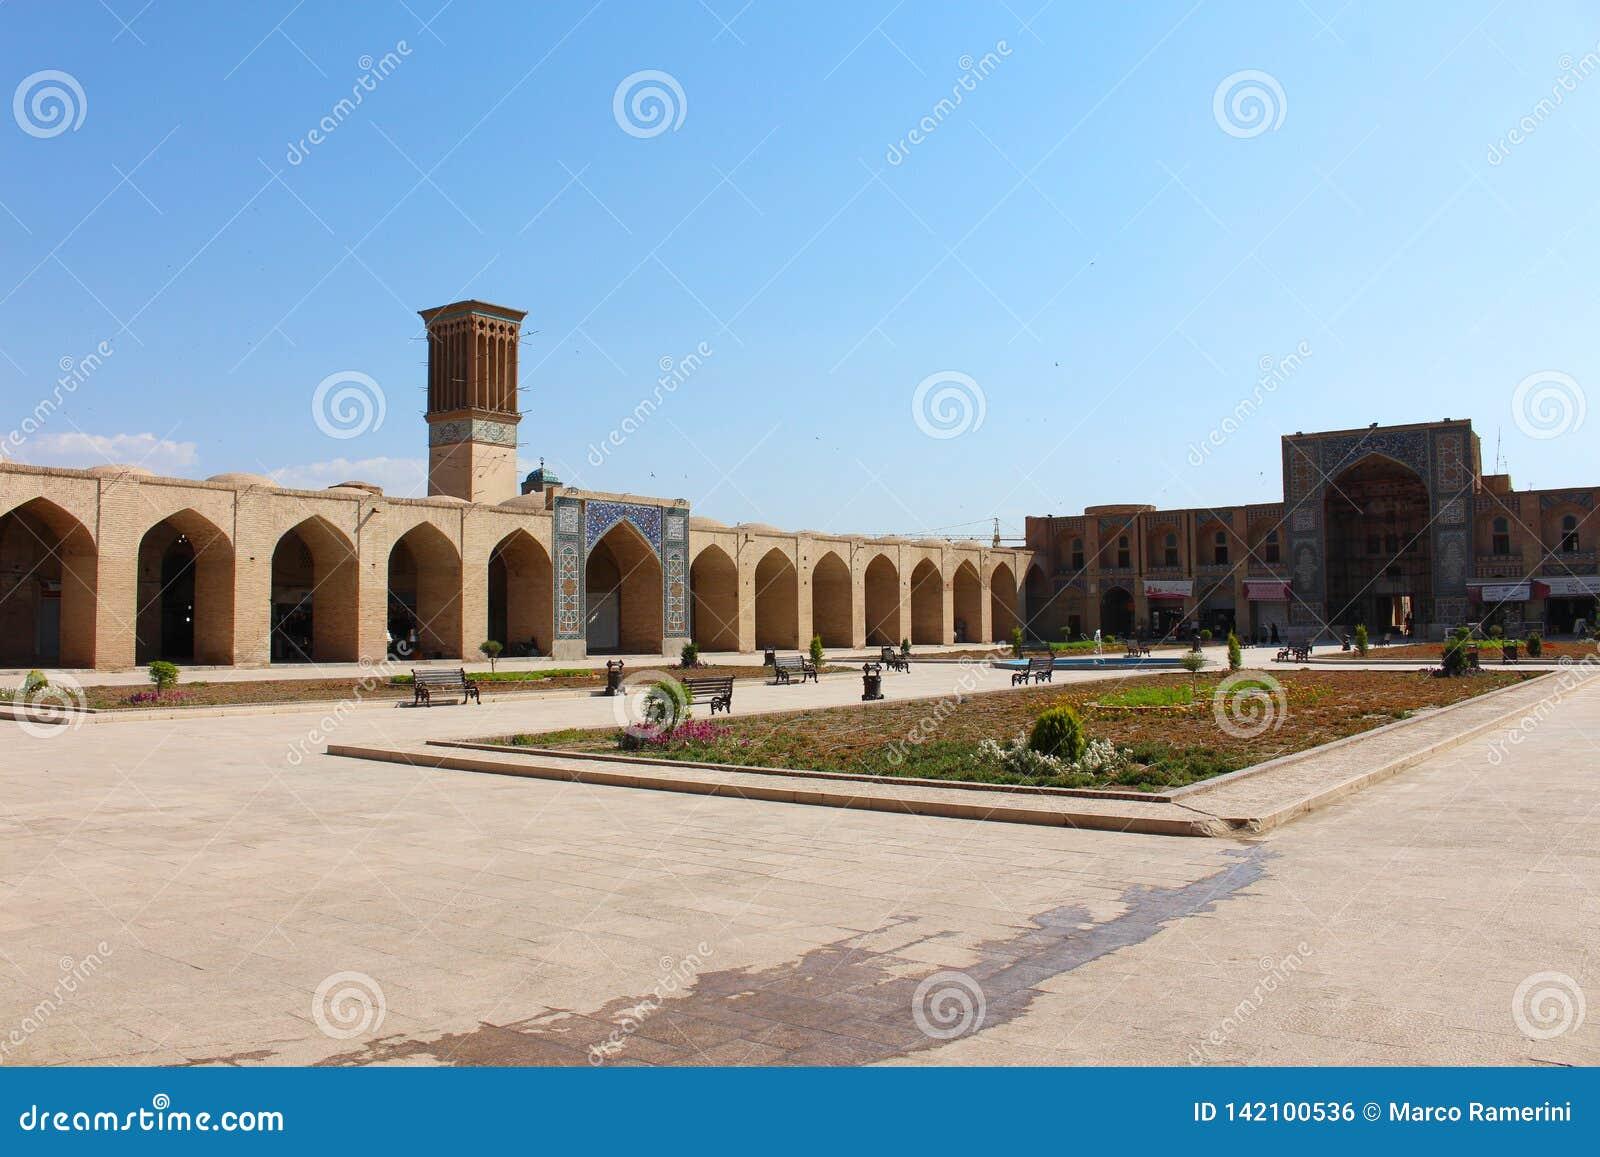 Ganjali Khan Complex, Kermán, Irán